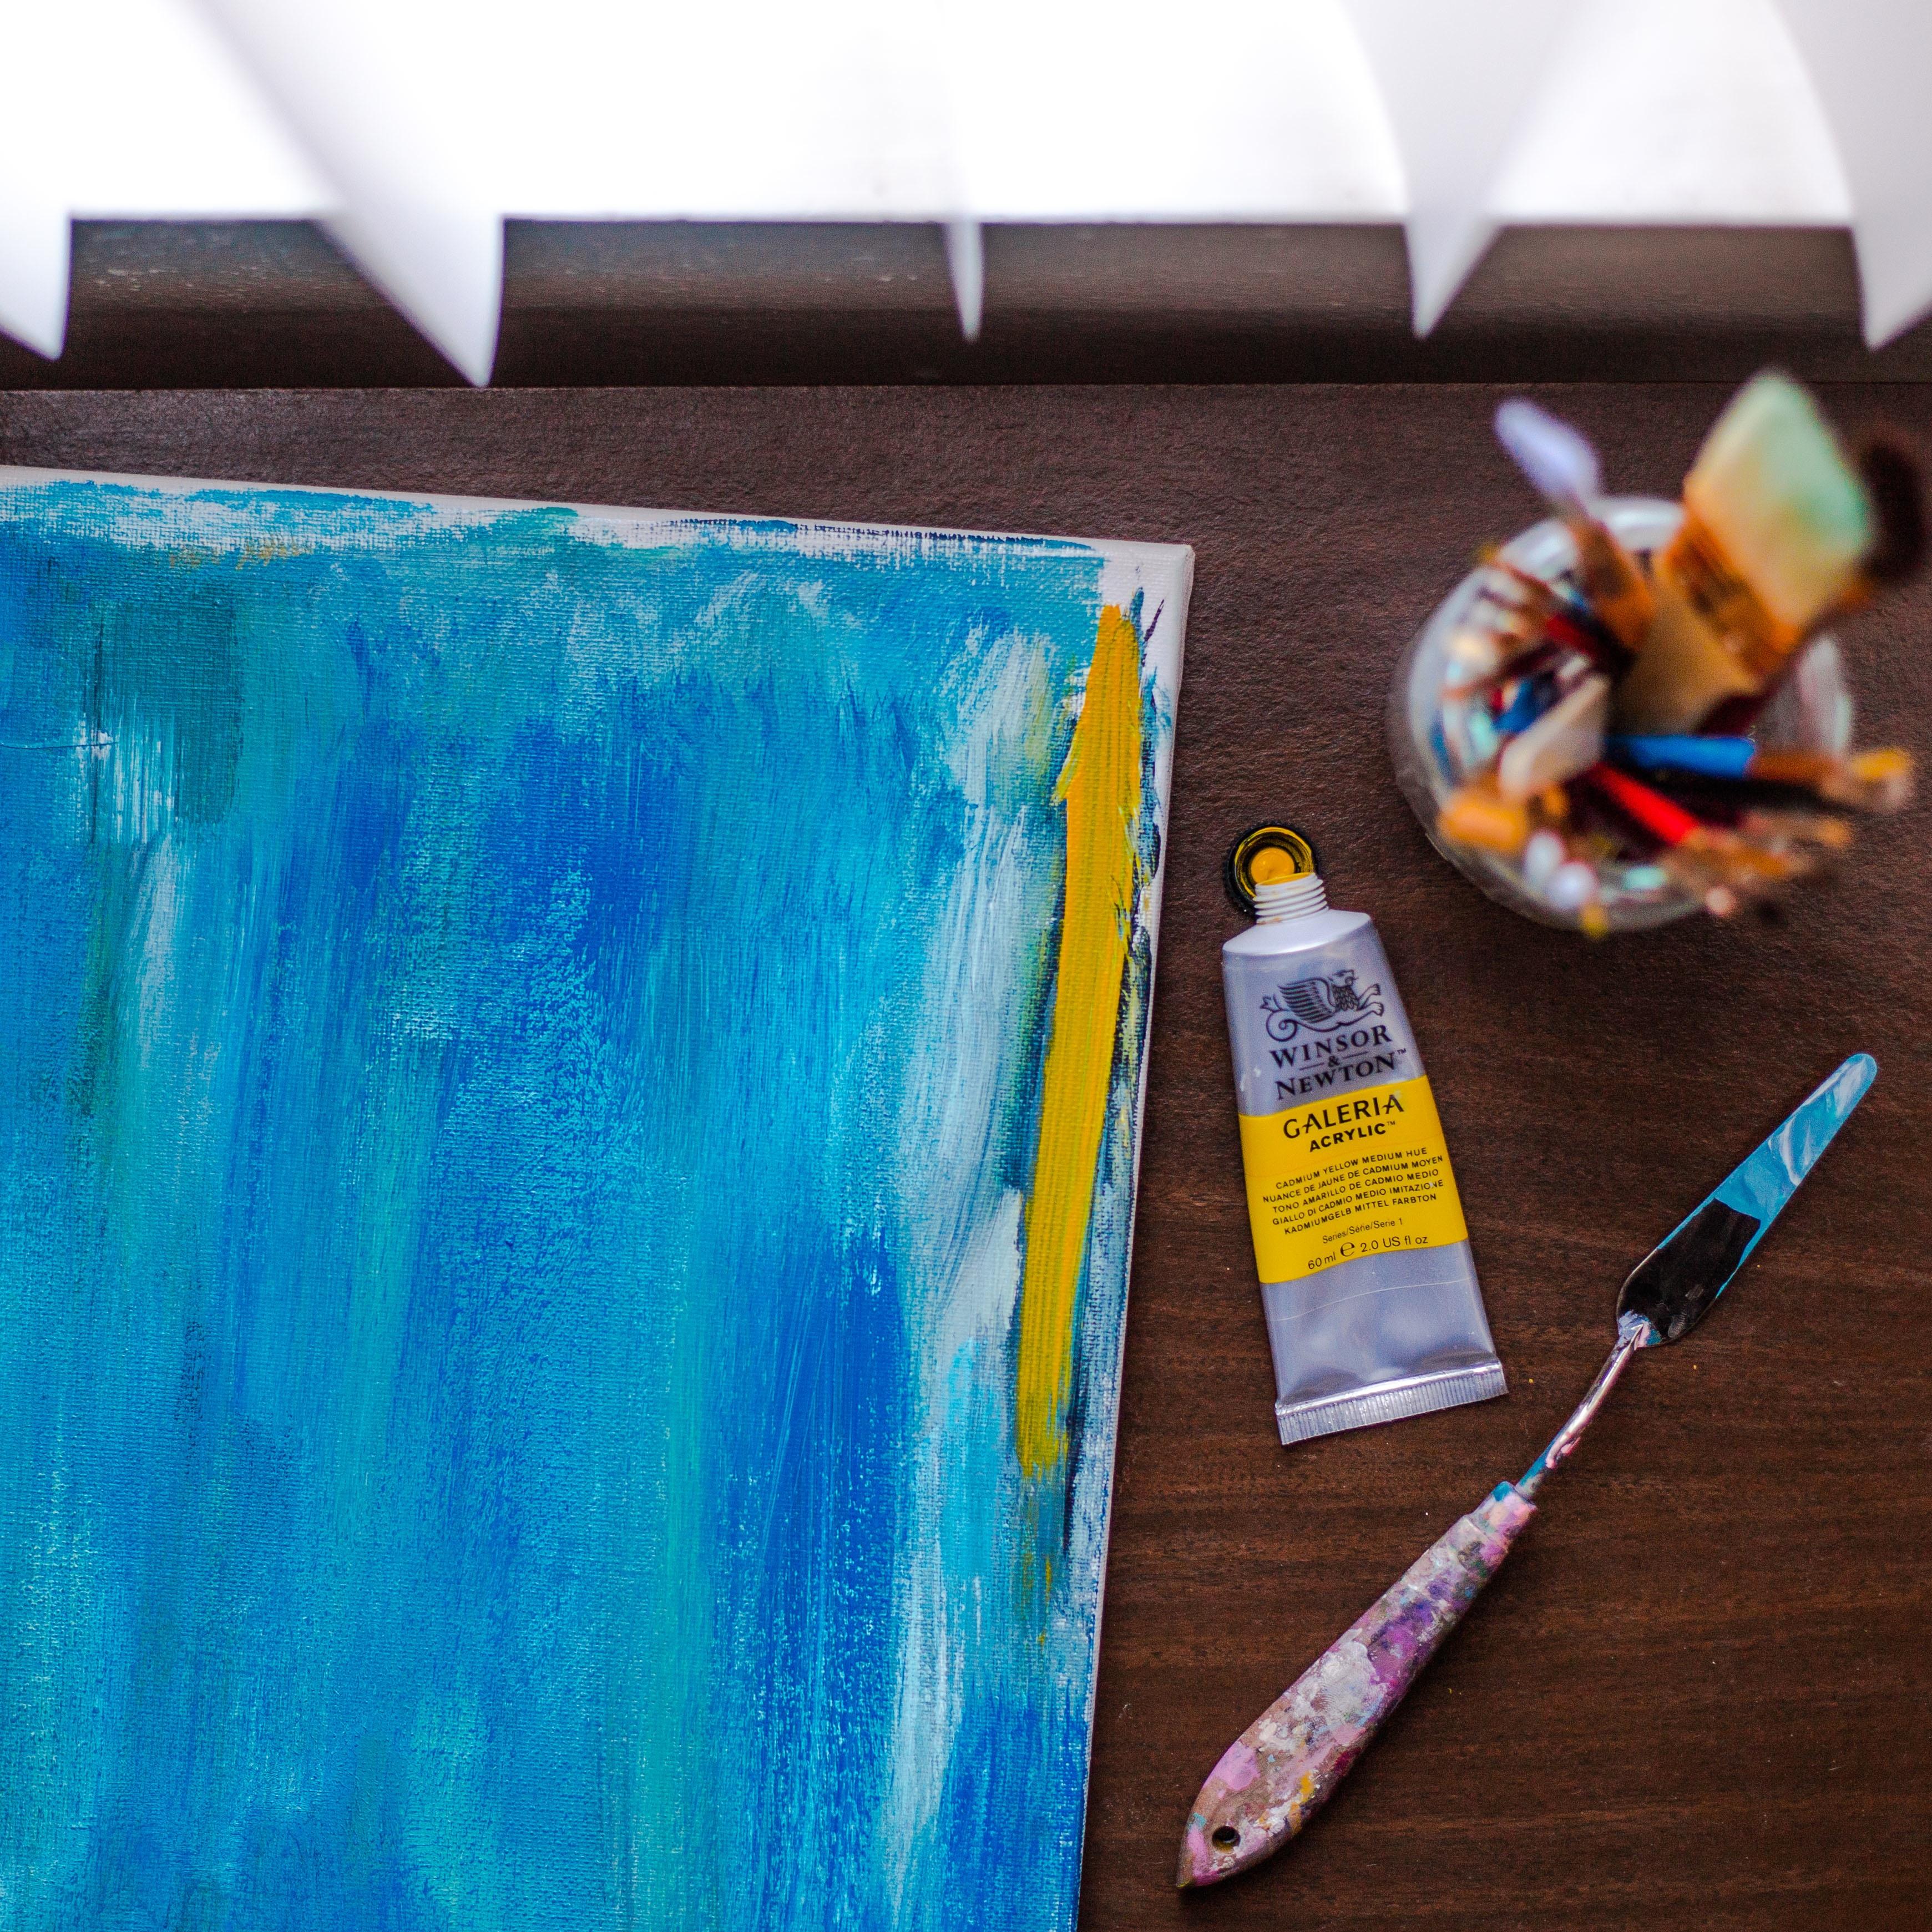 Images Gratuites Couleur Bleu Mat Riel La Peinture Art